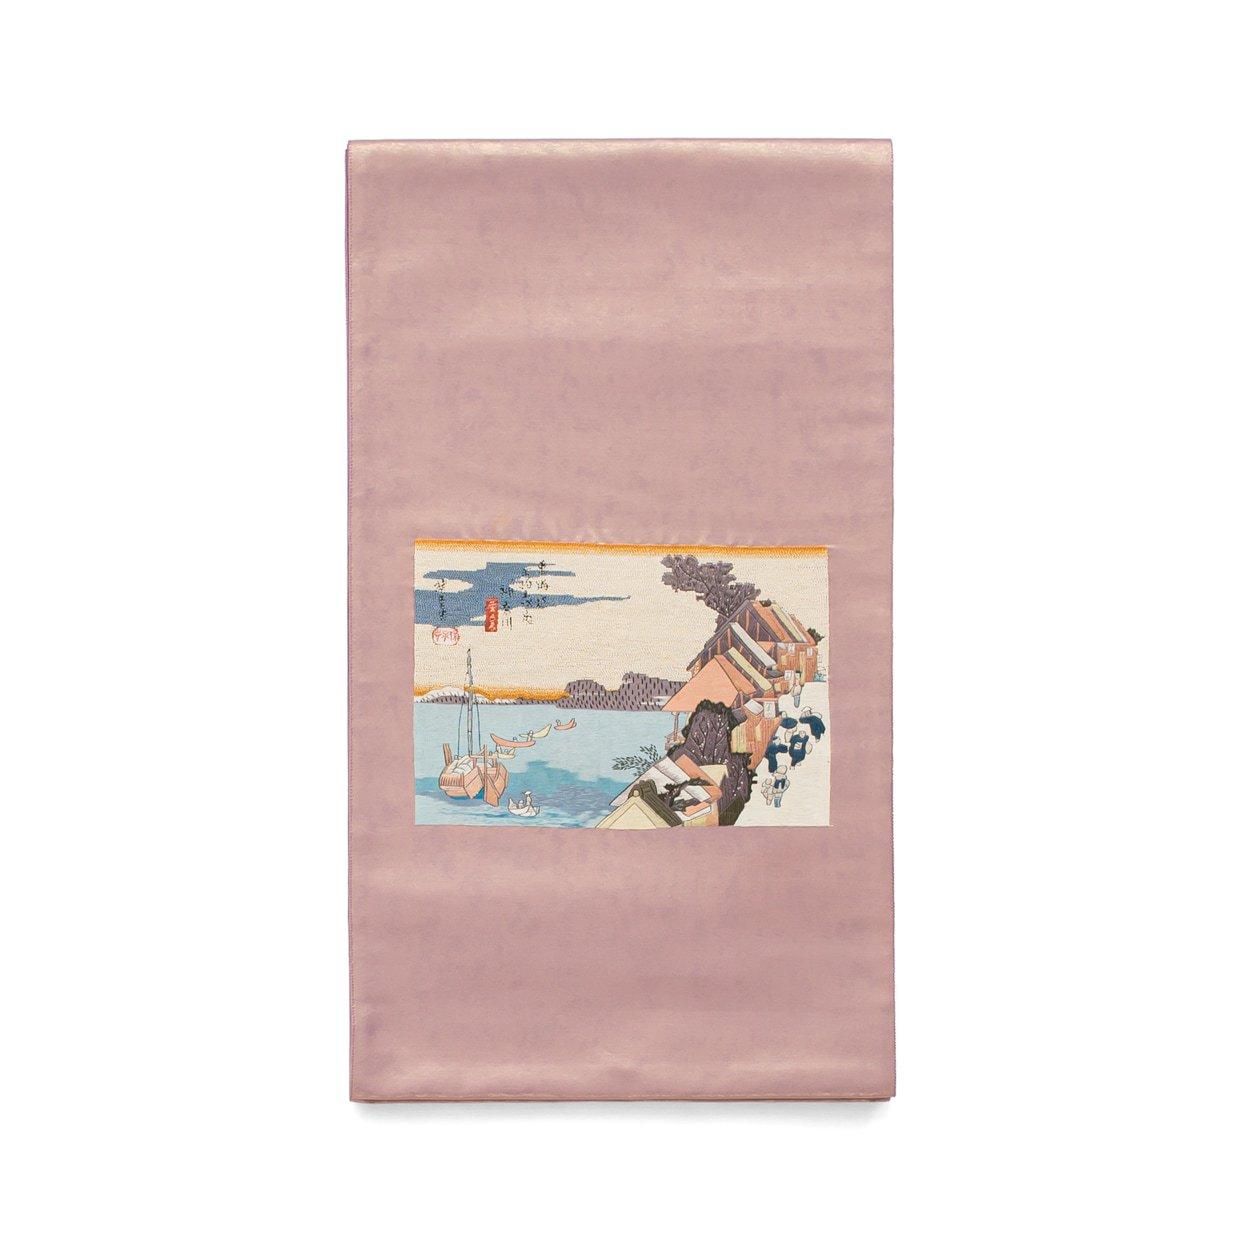 「袋帯●東海道五十三次 神奈川宿」の商品画像